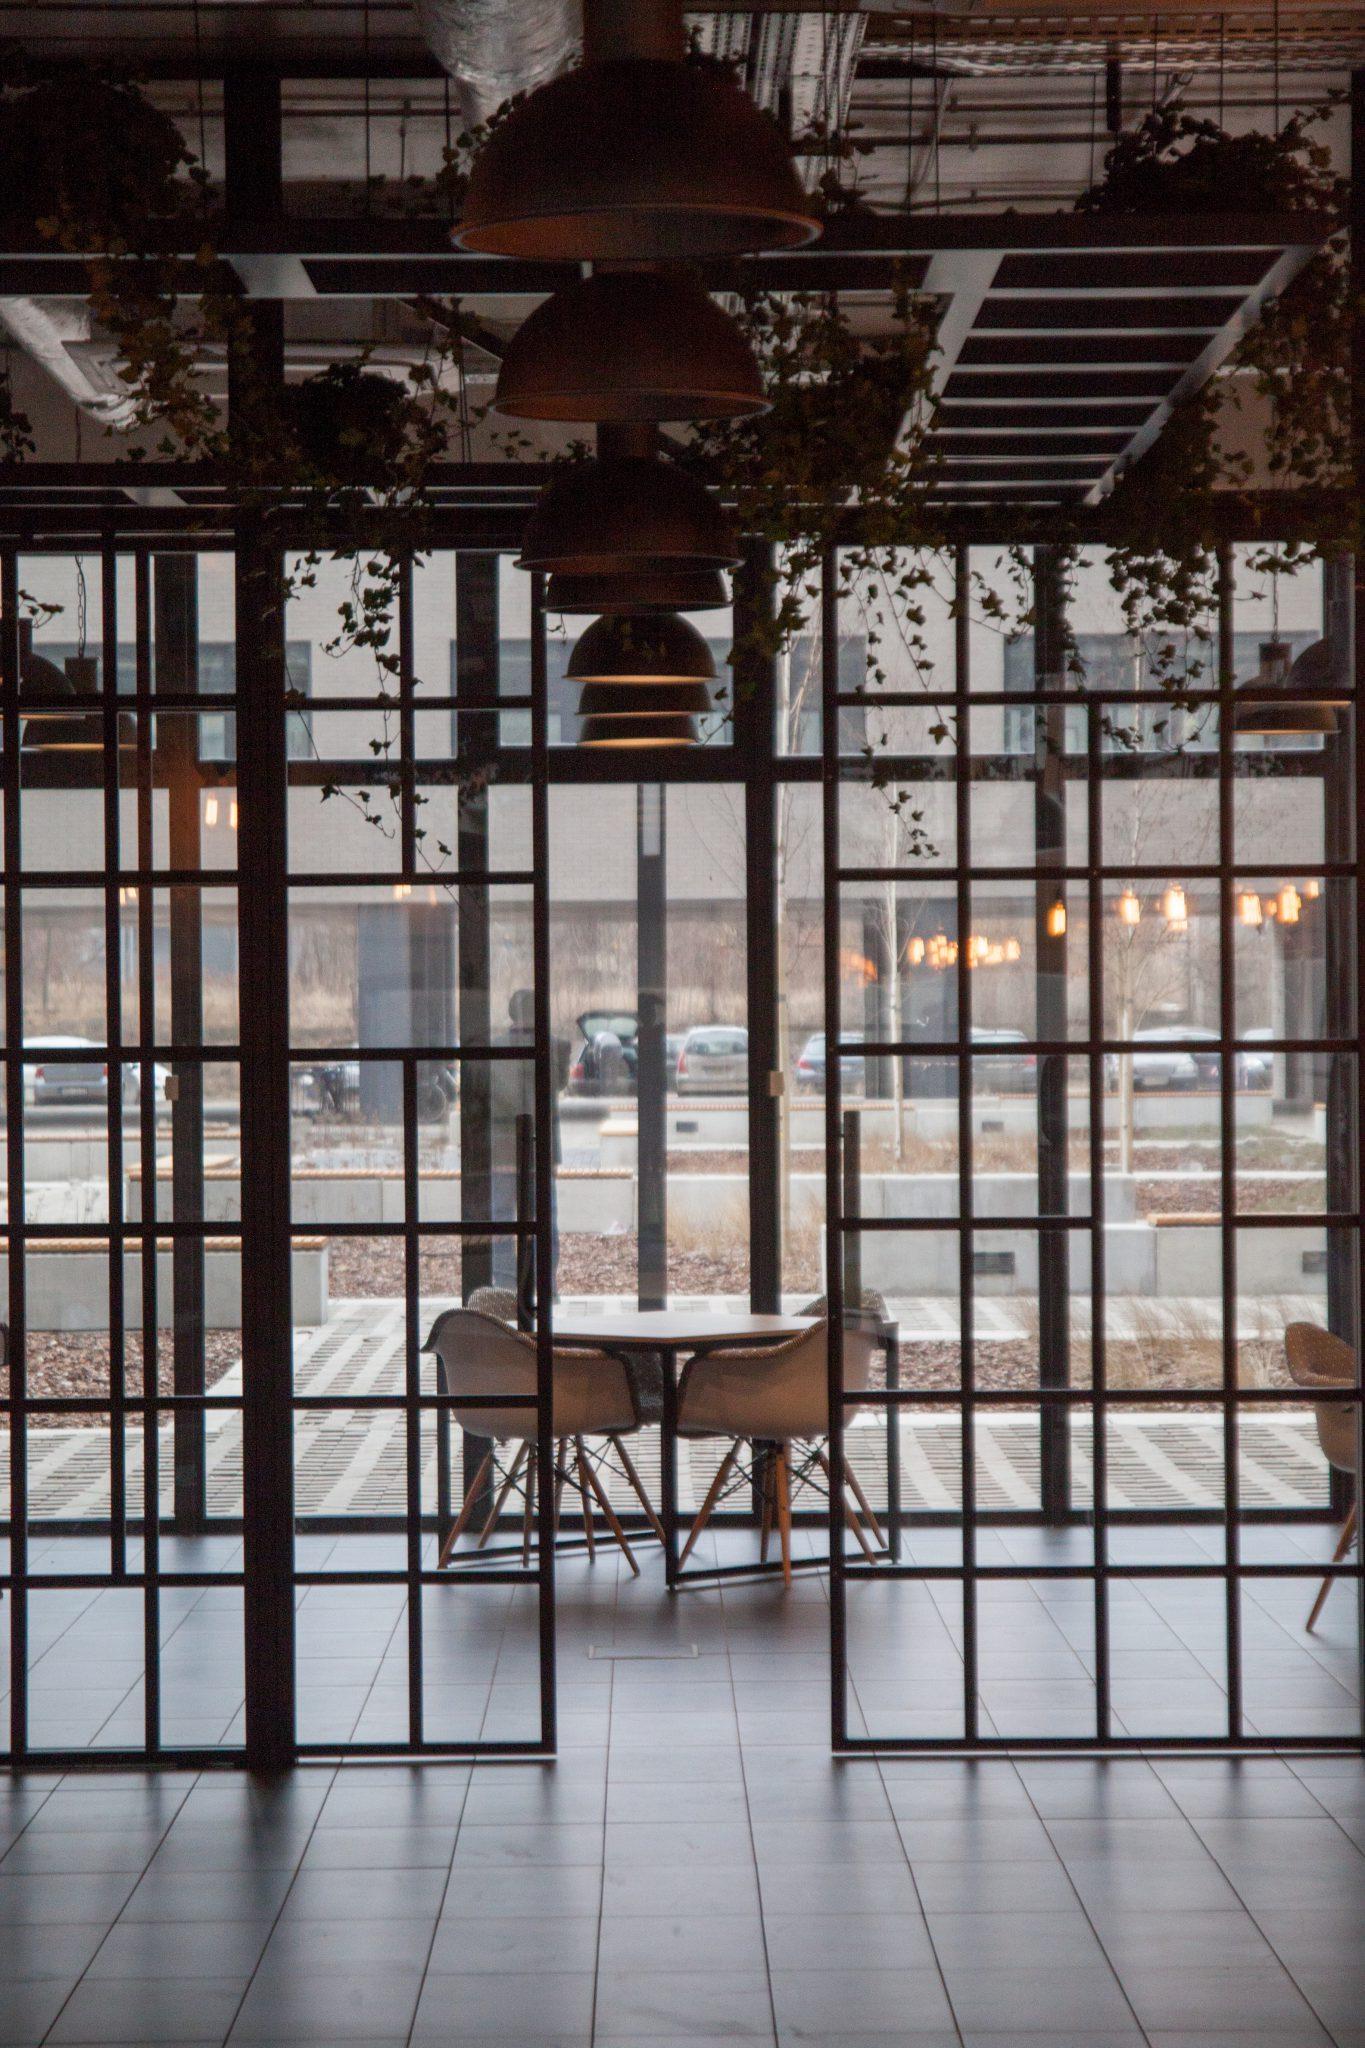 drzwi loftowe Icon LoftIcon Concept, drzwi kute, drzwi metalowe, drzwi metalowe loftowe, drzwi wewnętrzne, wrocław, dolnośląskie, LOFT, drzwi loft, drzwi metalowe loft, kowalstwo, okna metalowe industrialne, witryny metalowe industrialne, drzwi industrialne, drzwi przesuwne metalowe